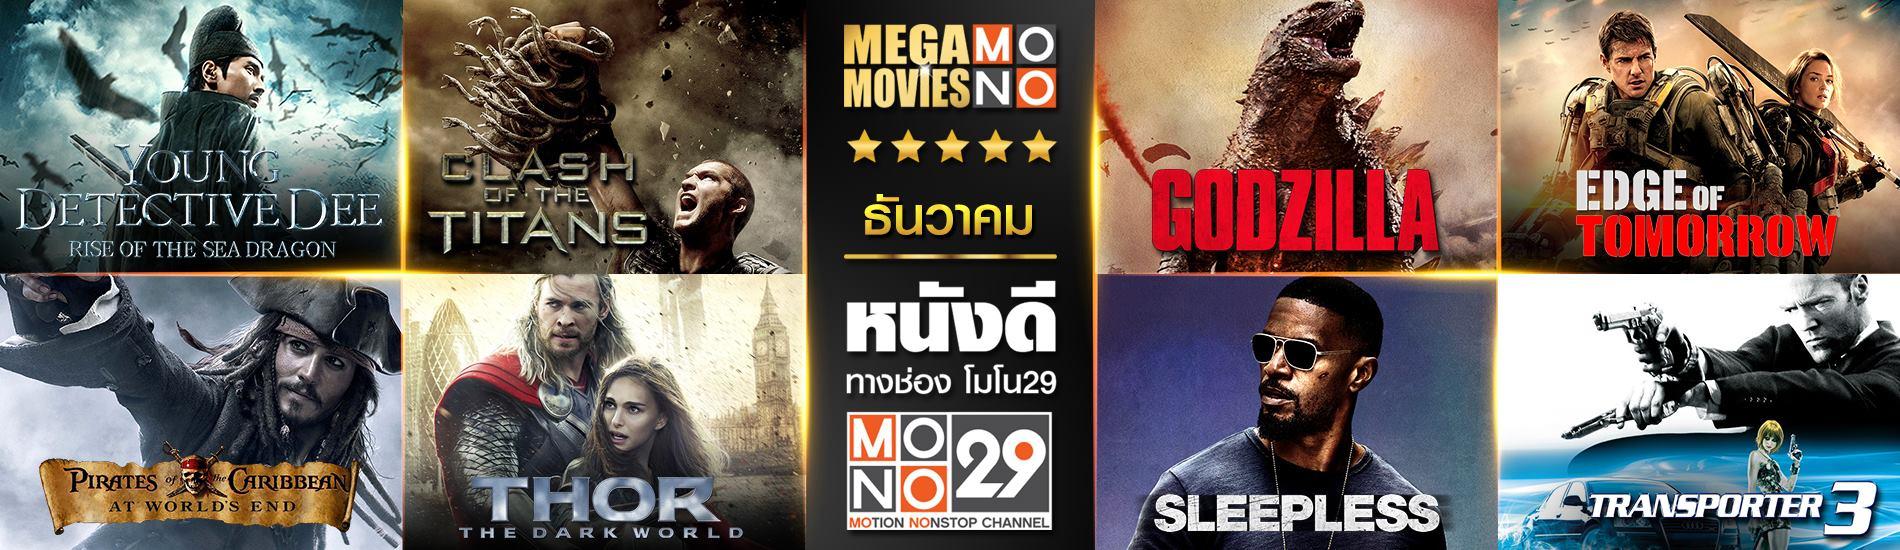 พบกับหนังสุดอลังส่งท้ายปี ทางช่อง MONO29